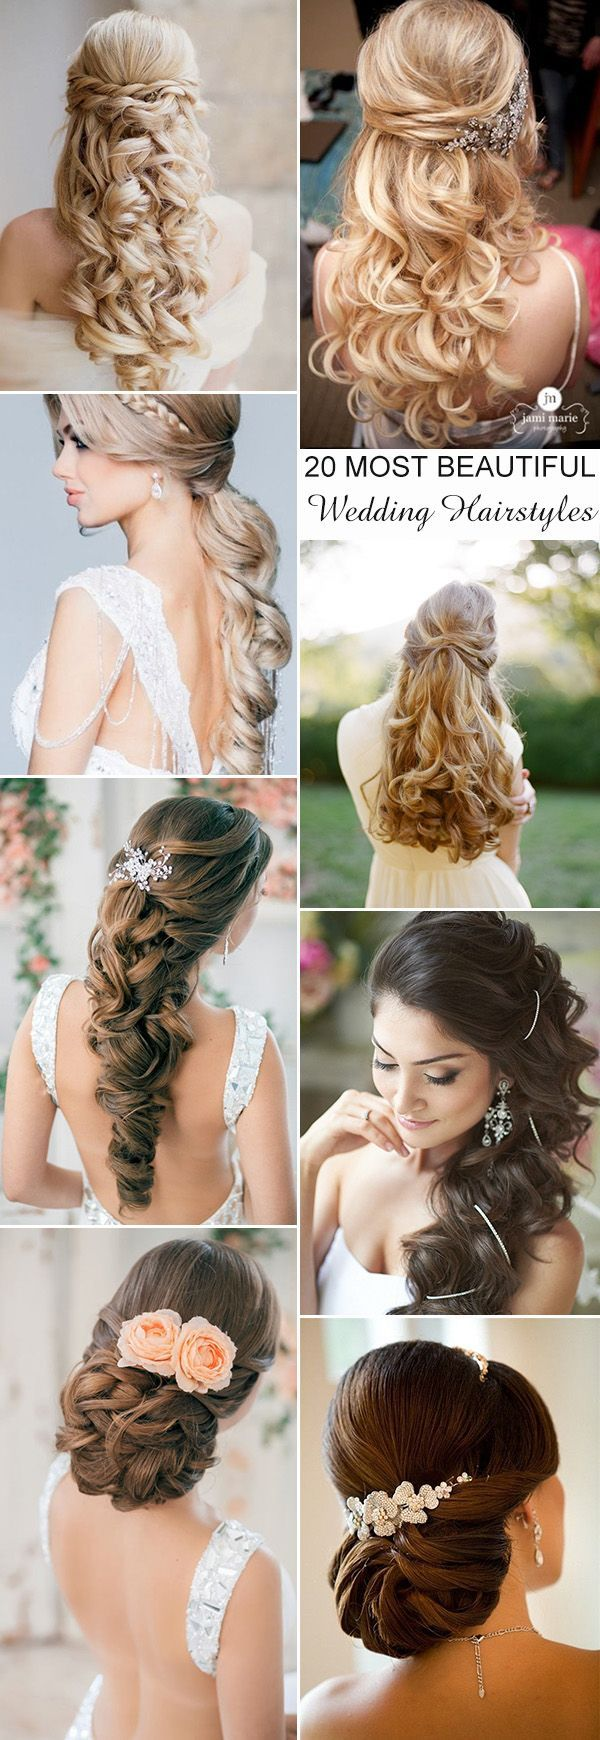 Best brautfrisuren images on pinterest bridal hairstyles